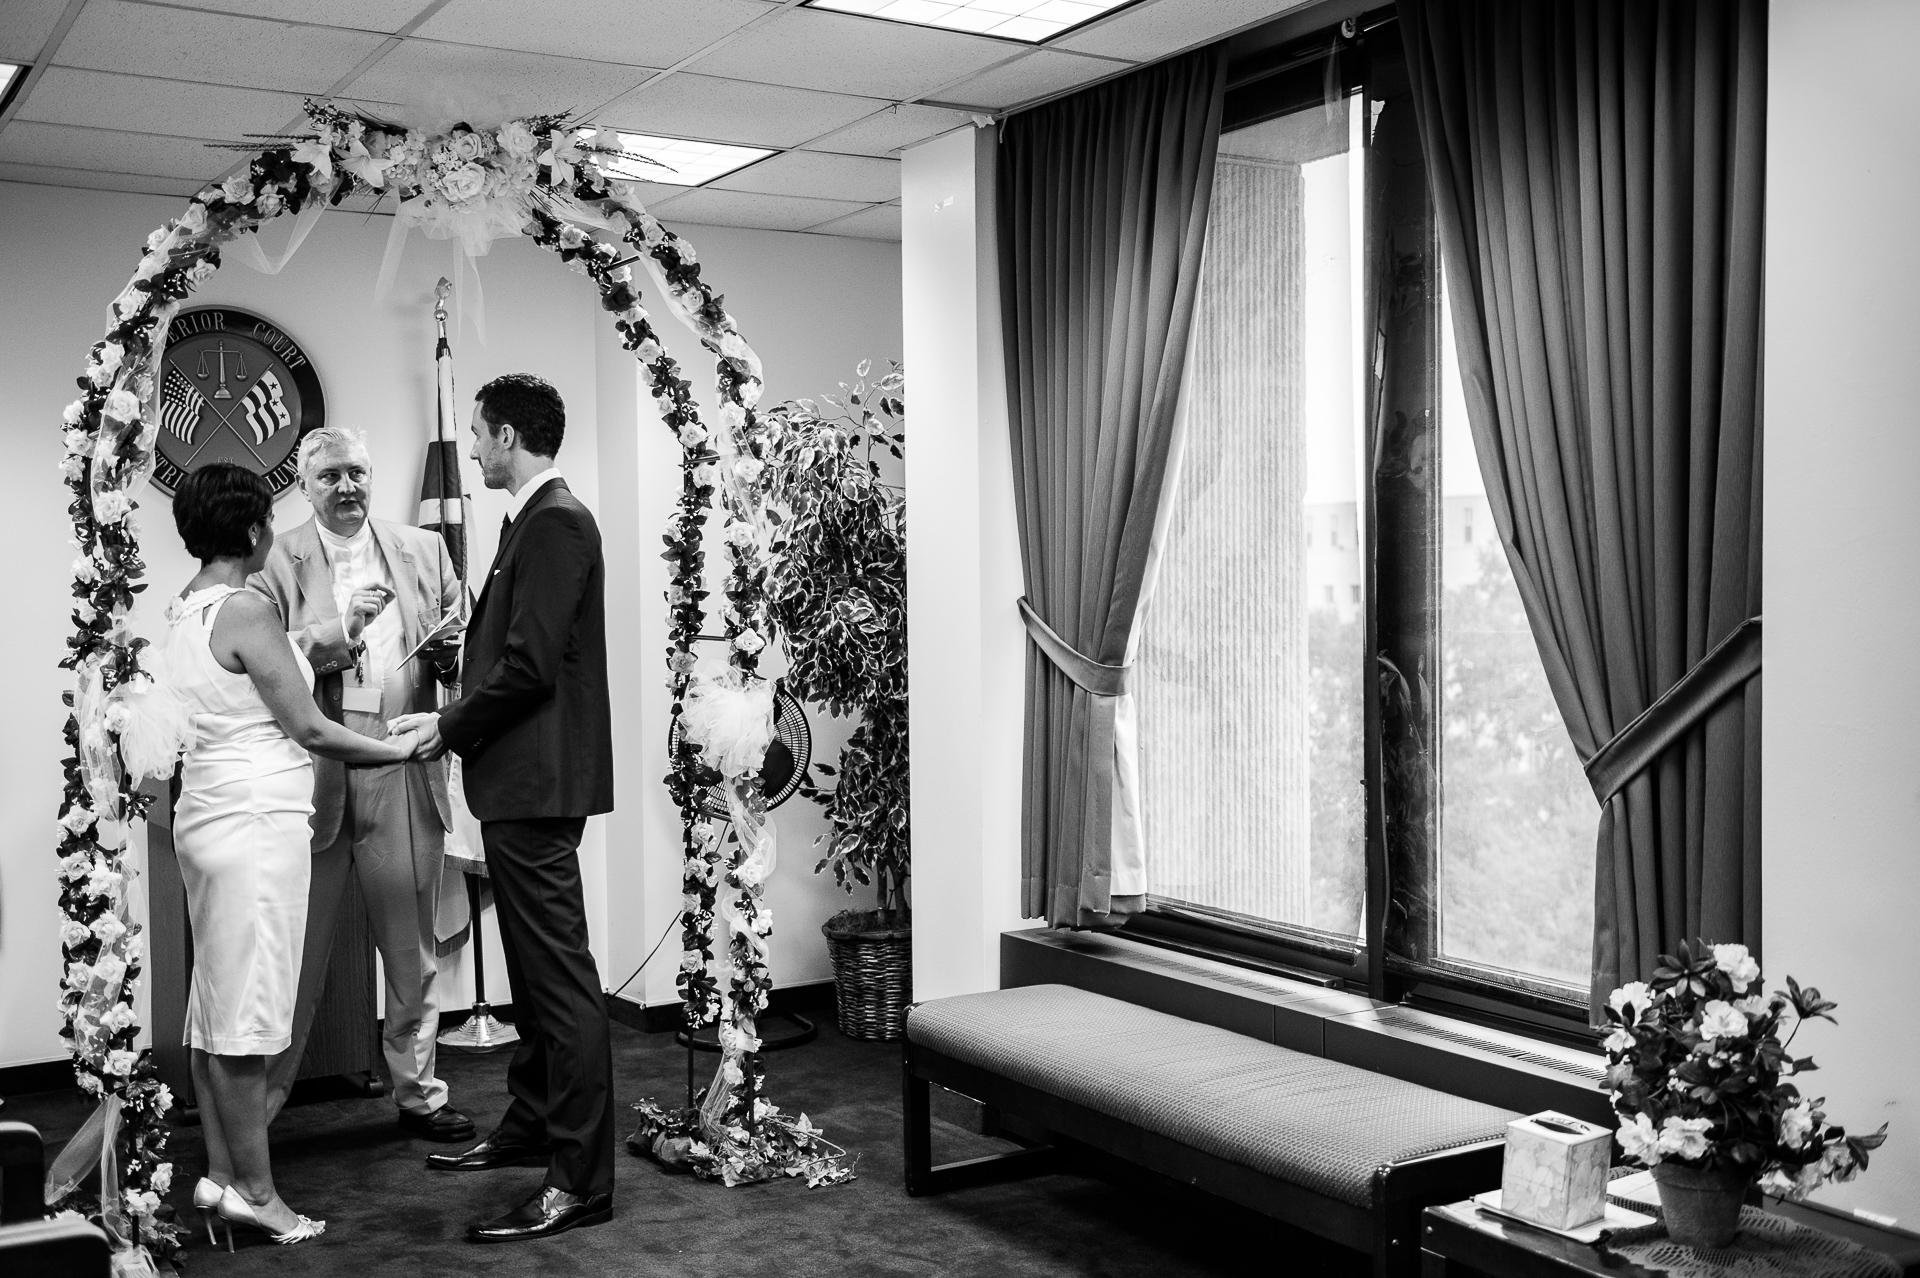 Imagen de la boda del Tribunal Superior de DC, Washington, DC | La suite para ceremonias civiles era pequeña